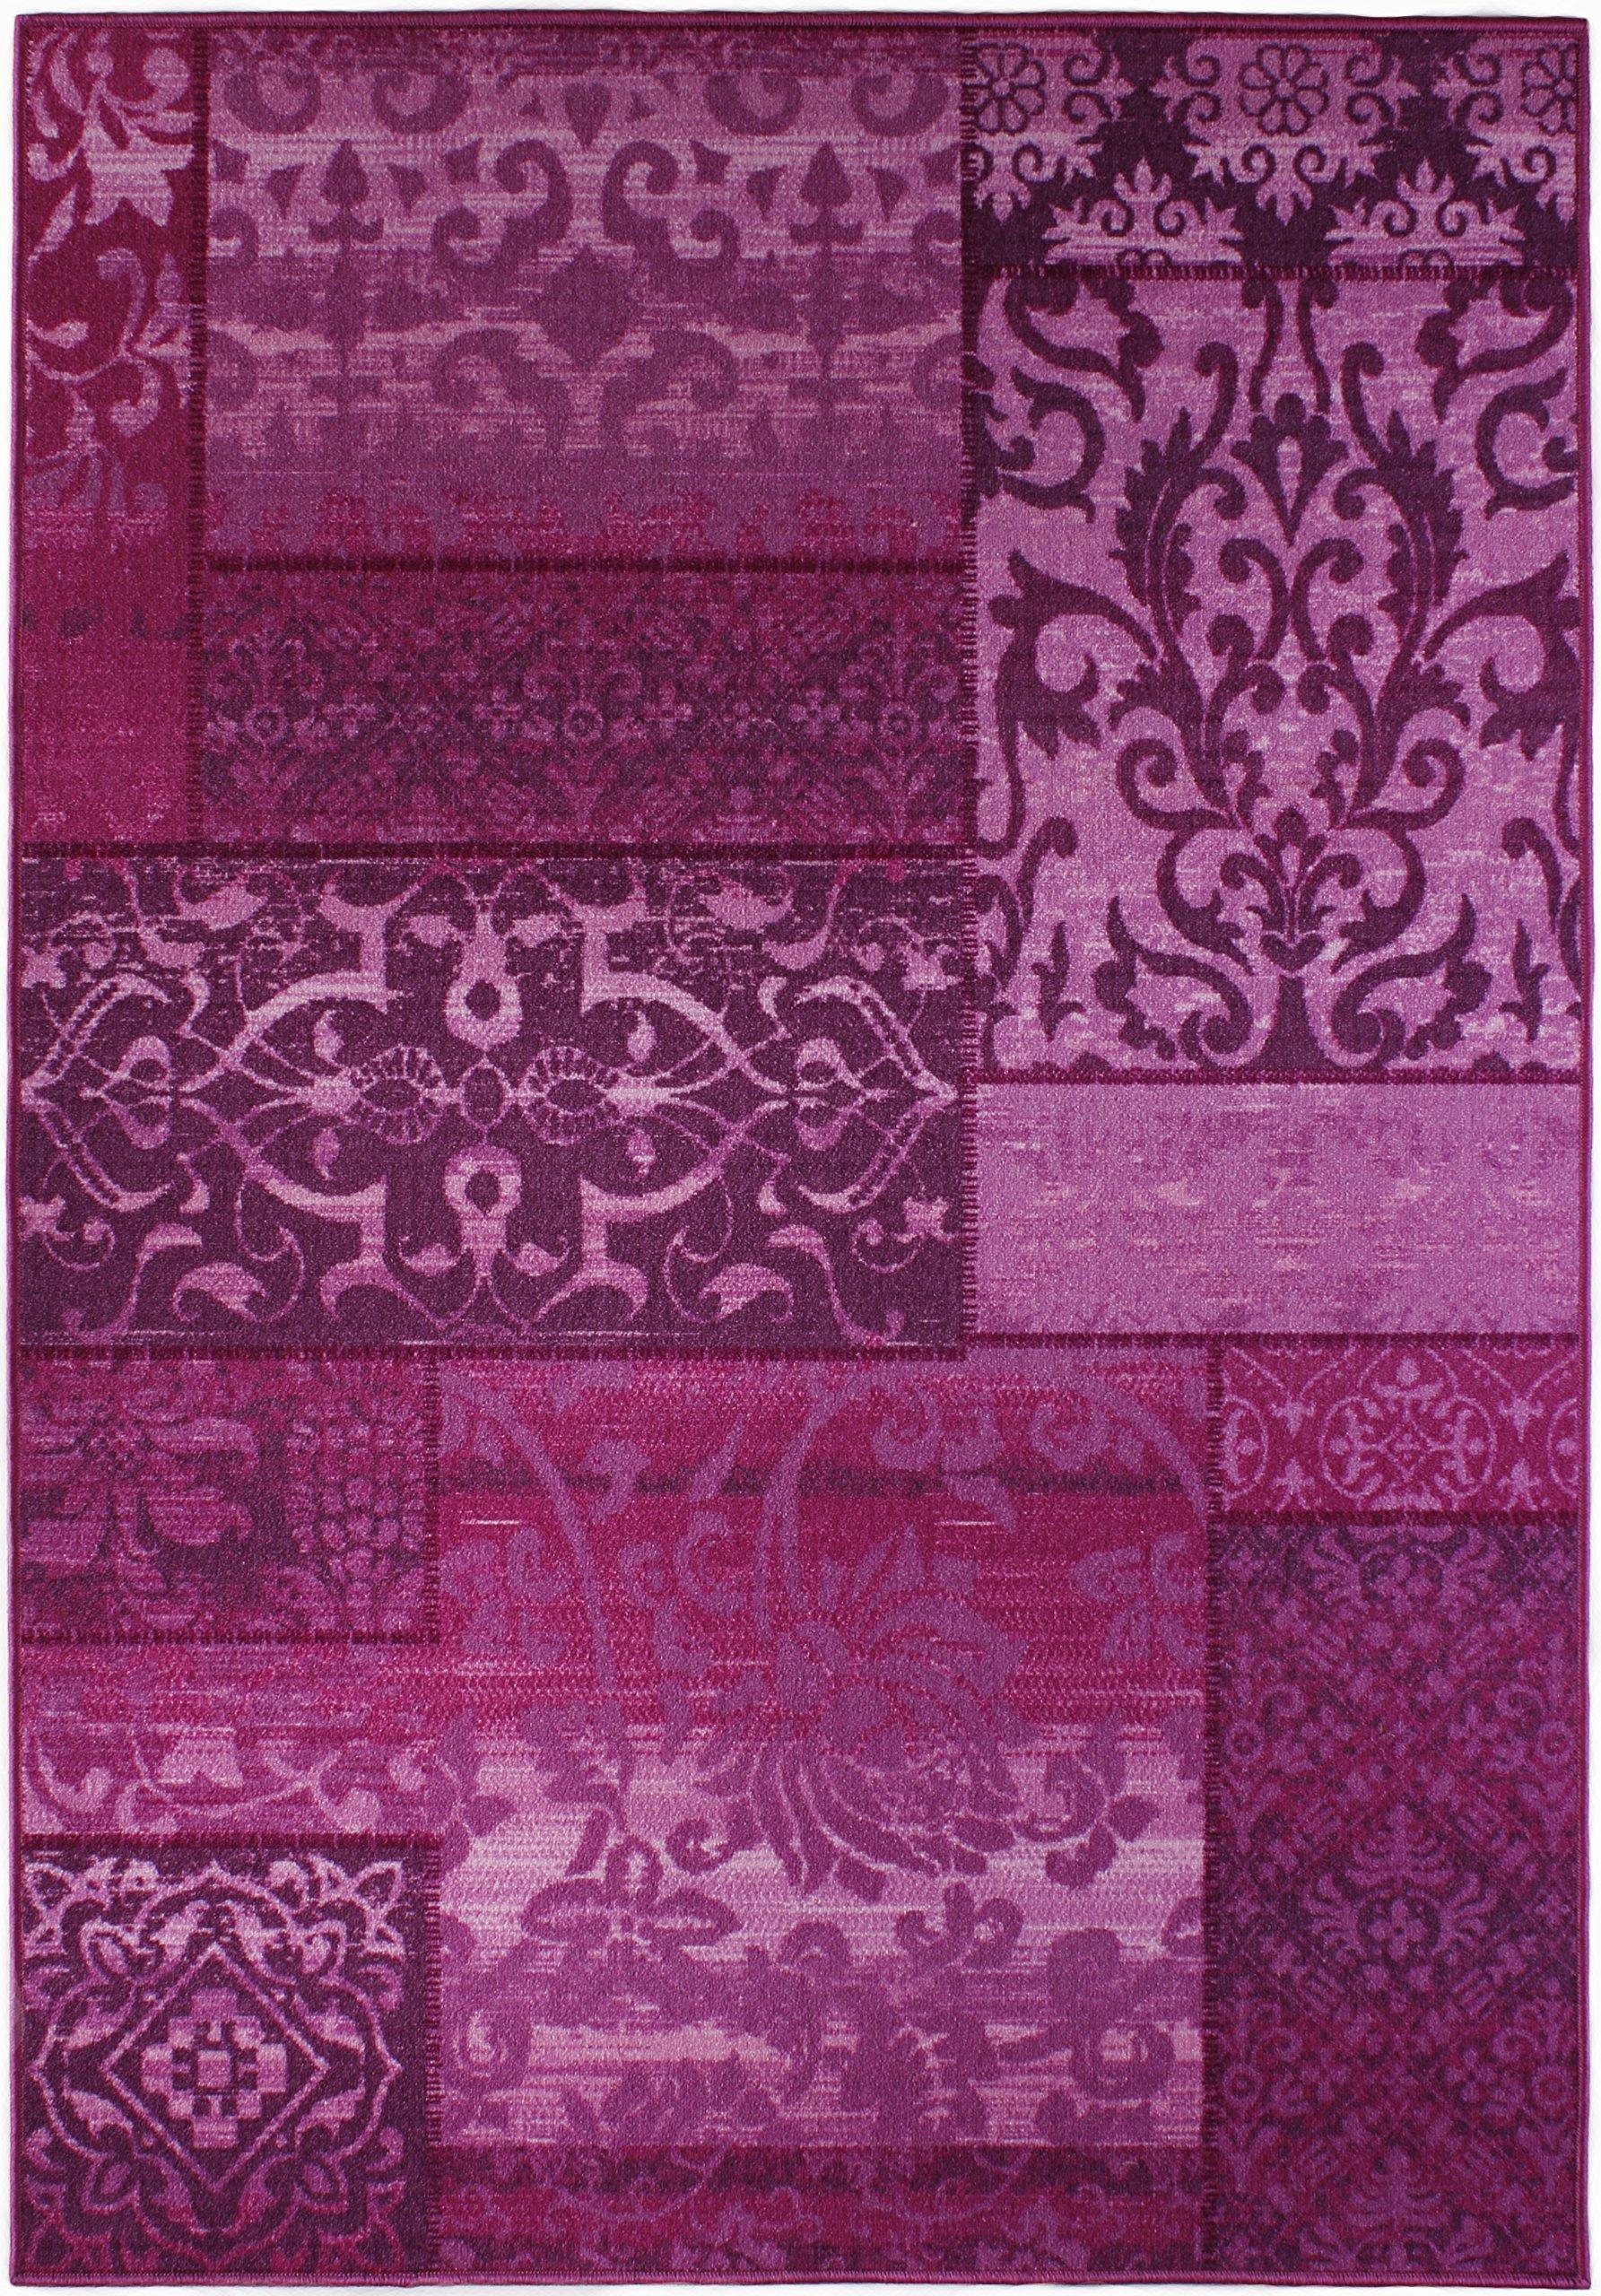 Kurzflorteppich Teppichläufer Orientteppich Vintage Patchwork  Orientalisches Muster Used Looku2013 Wohnzimmerteppich Schlafzimmer Flurläufer  U2013 Oeko Tex